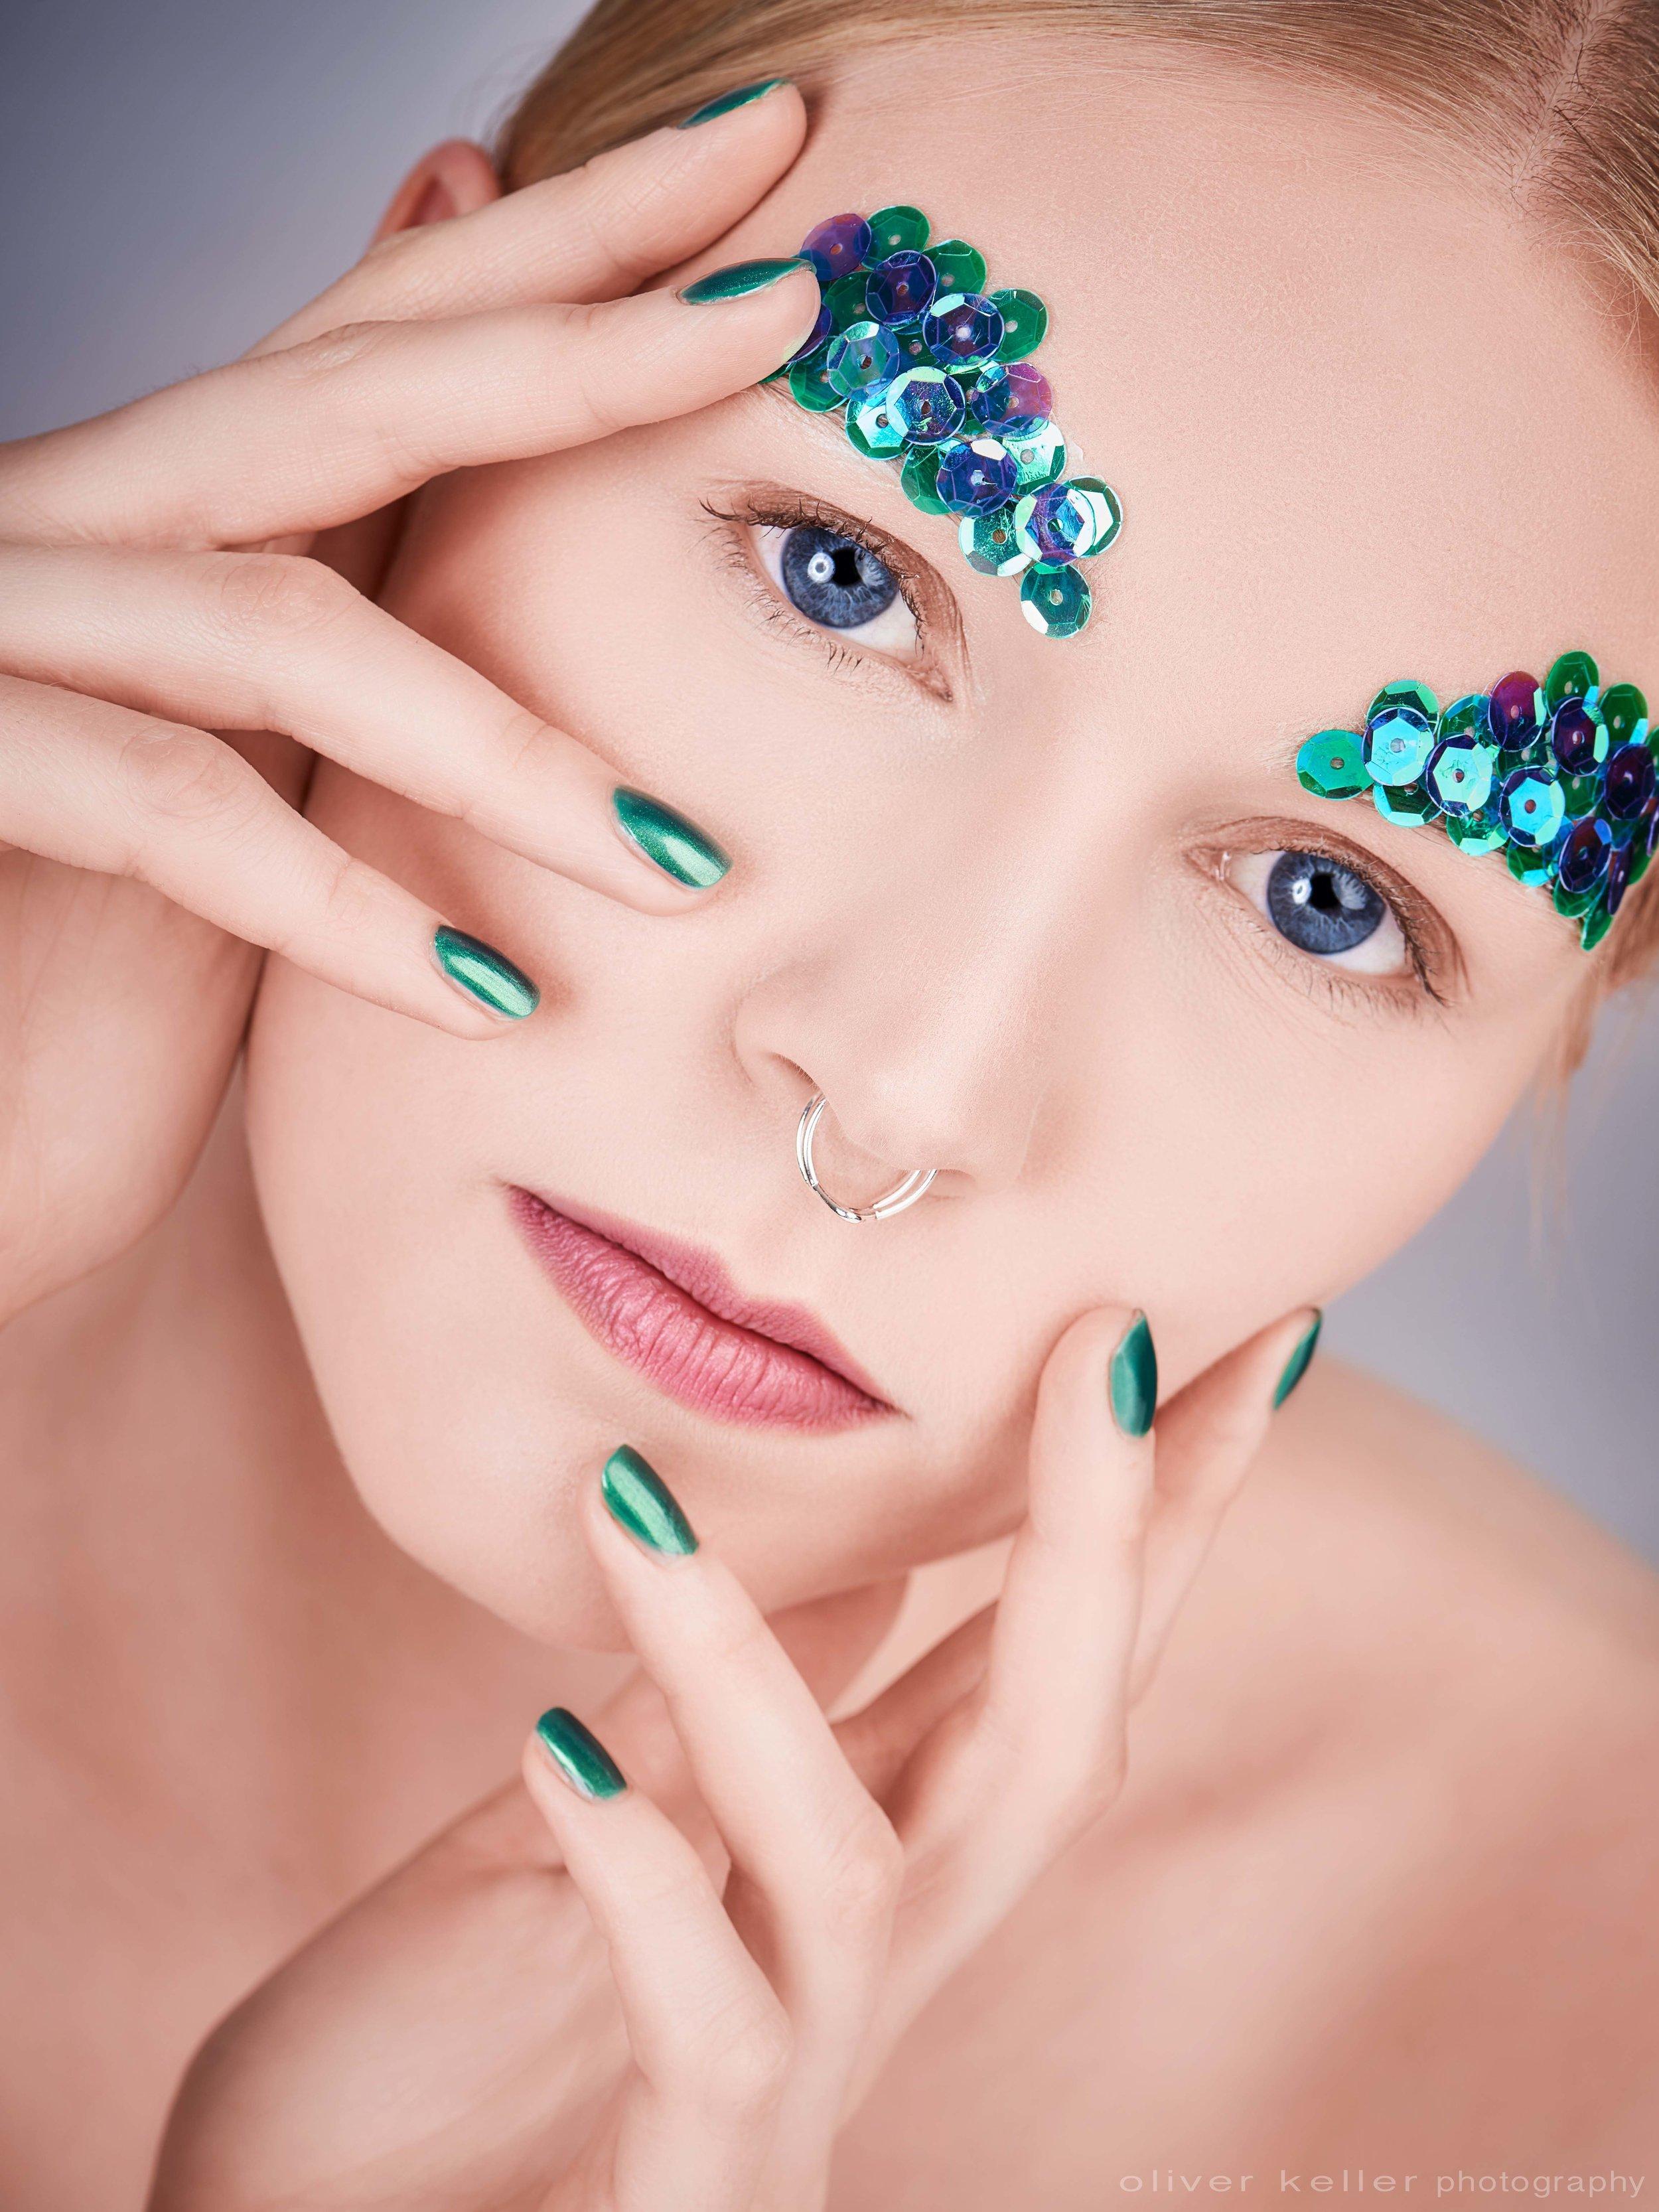 2017-02-01-make-up-nails20665.jpg